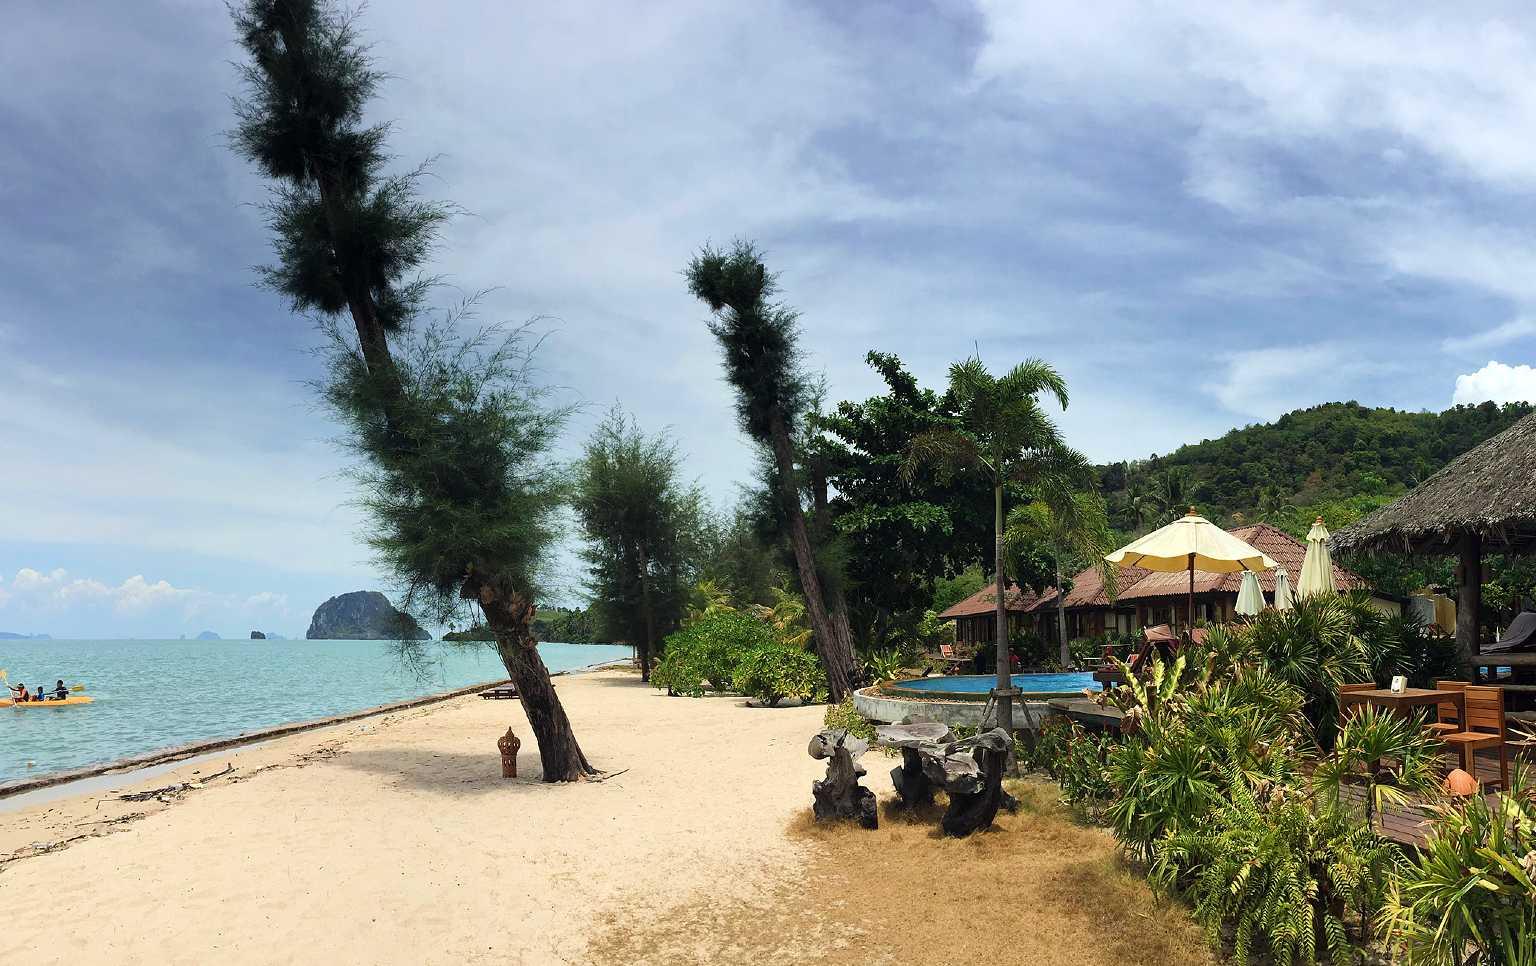 Leam Had strand, Koh Yao Yao